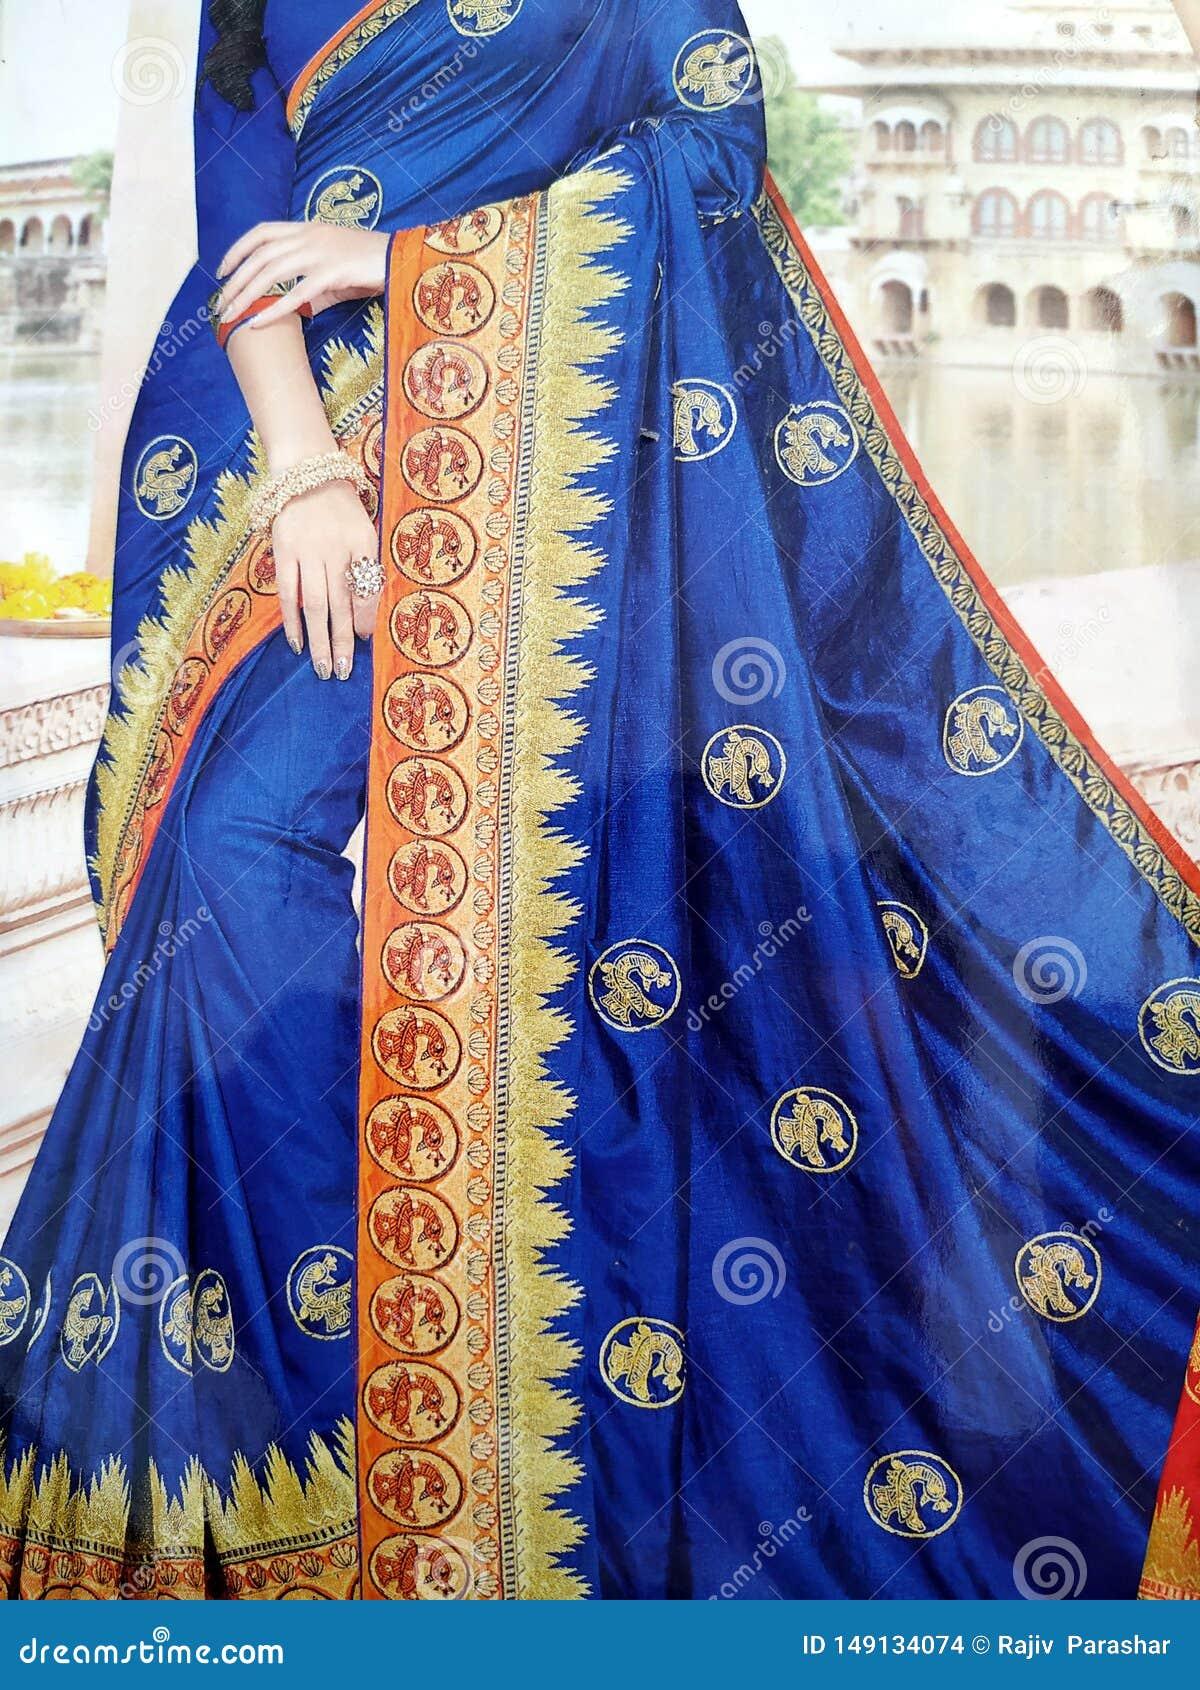 Branco feito a m?o tradicional, vermelho/rosa, sari de seda indiano azul /saree com detalhes dourados, uso da mulher vestir no fe